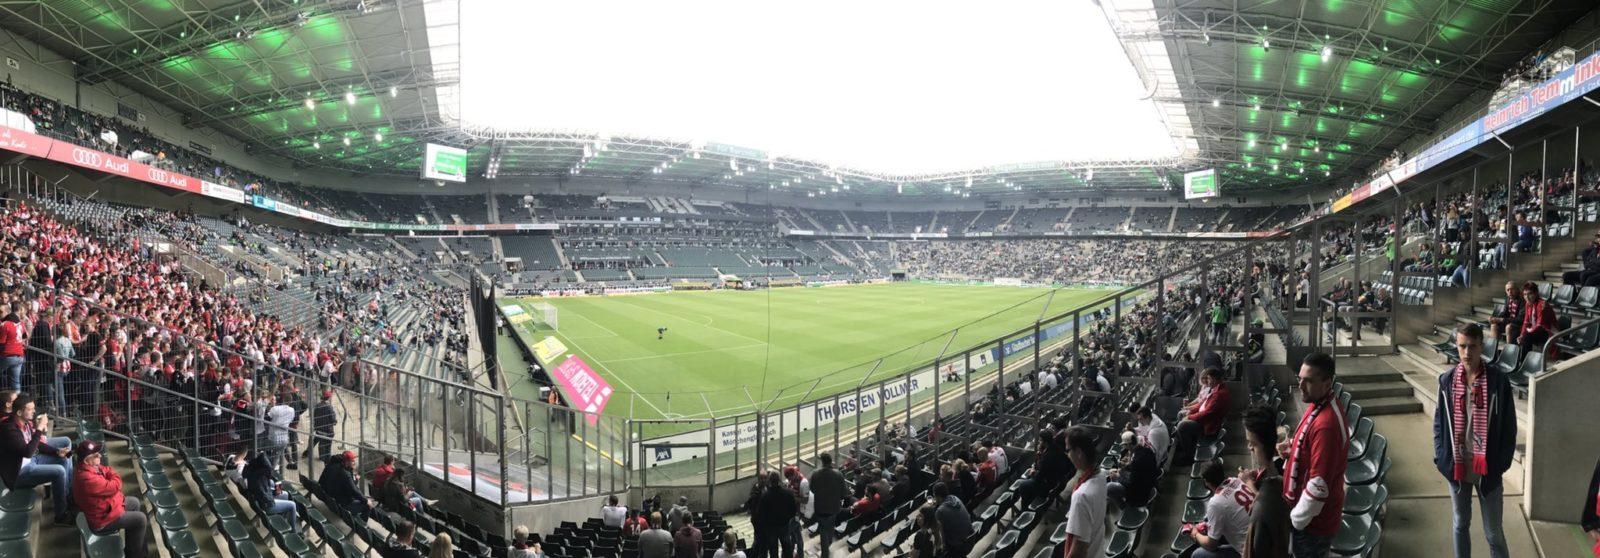 Gladbach Stadionshot von Effzeh Fan @2smart4U :-)